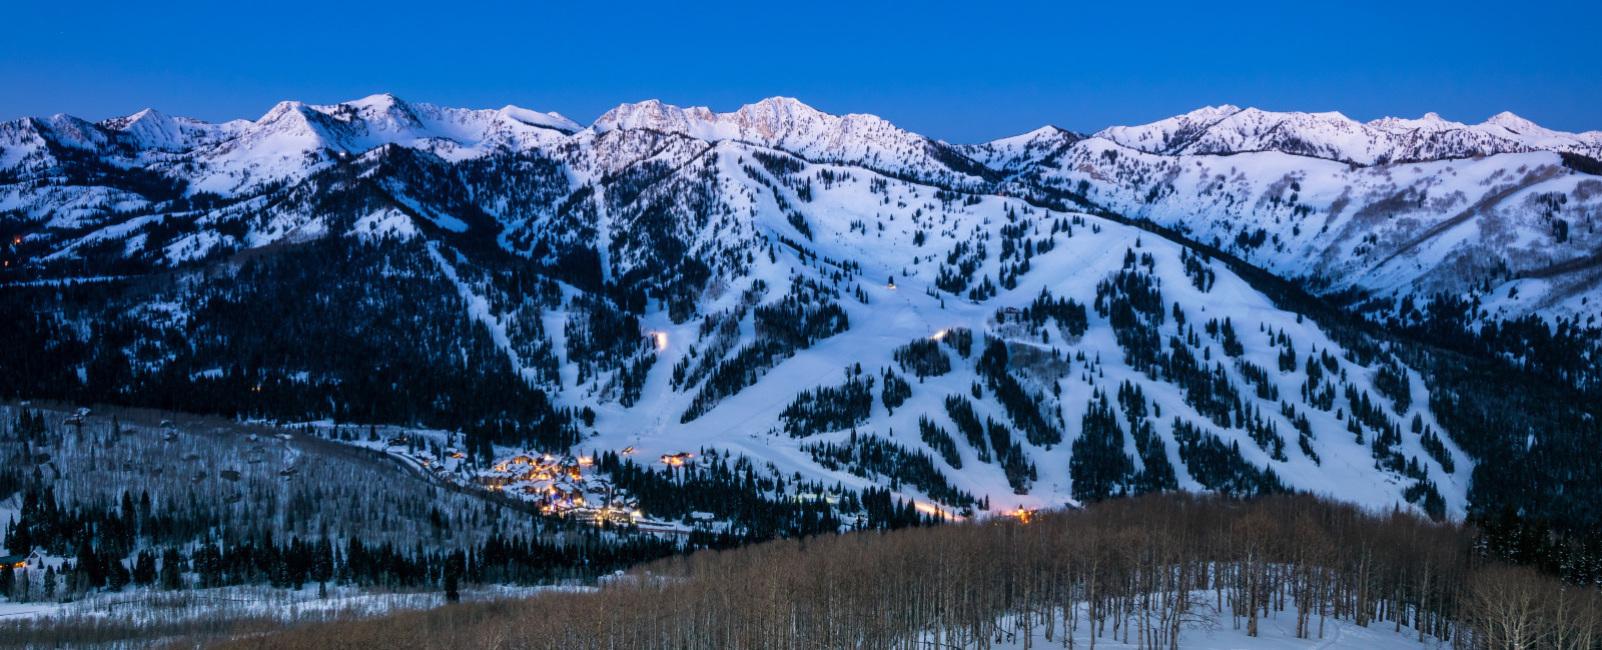 Alterra Mountain Company to Acquire Solitude Mountain Resort